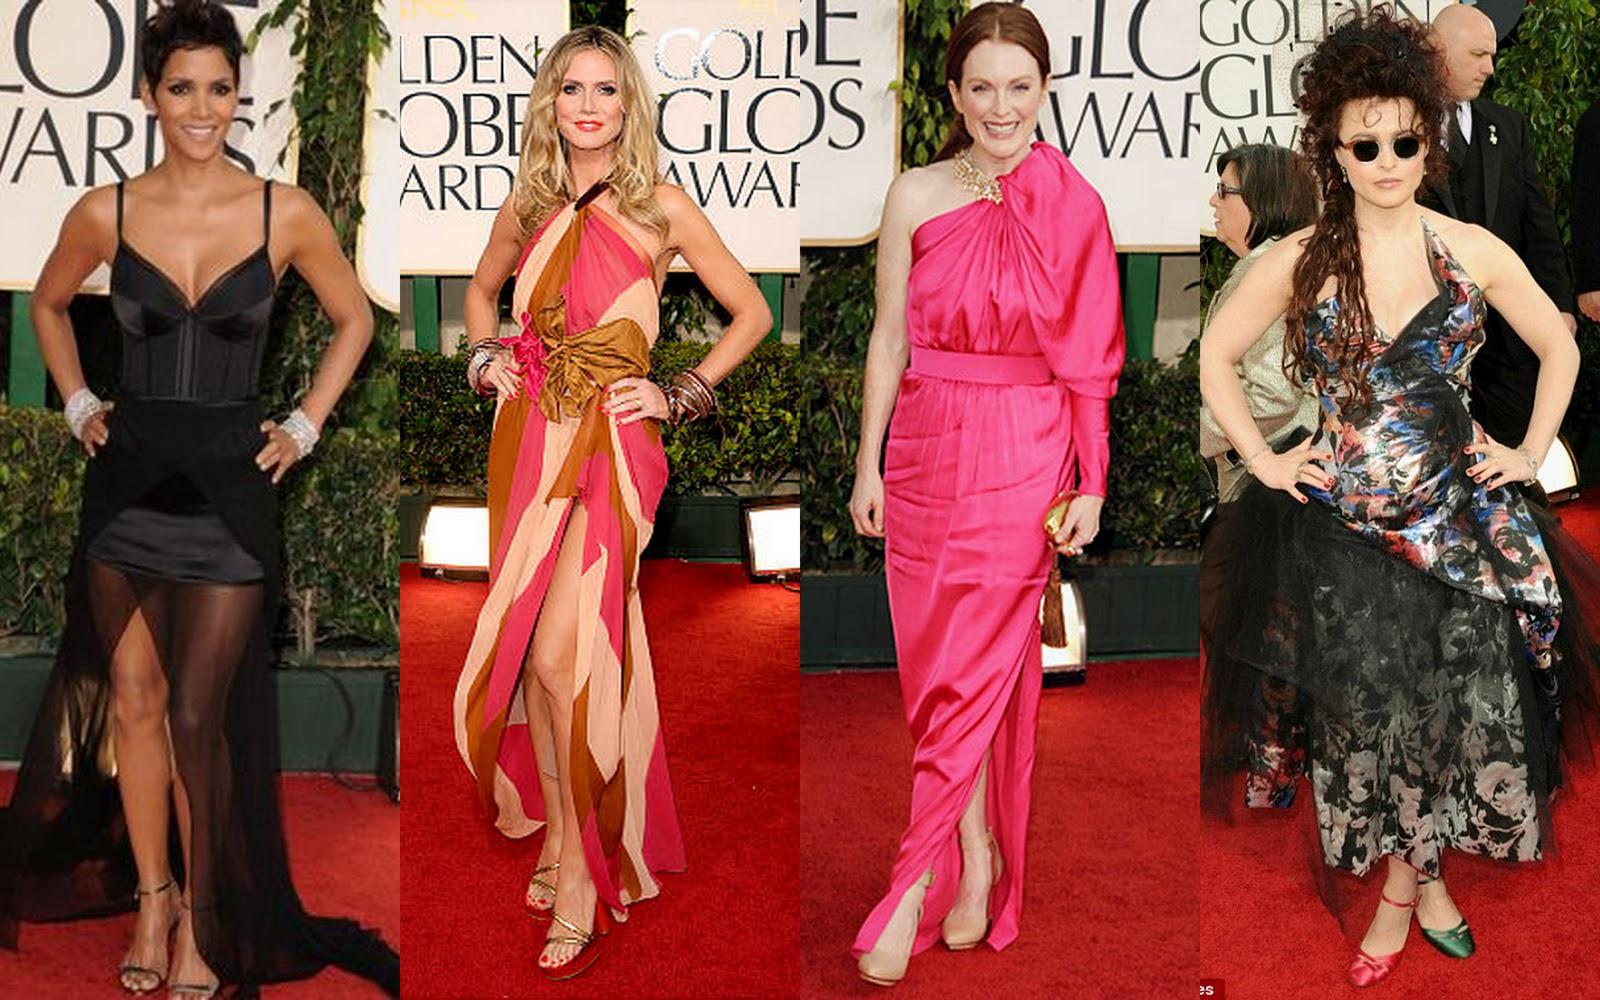 http://3.bp.blogspot.com/_SXPM6rpk-Ls/TTR_lKDUIvI/AAAAAAAAALs/X_IvIGp6t0w/s1600/Worst+dressed+-+golden+globes.jpg